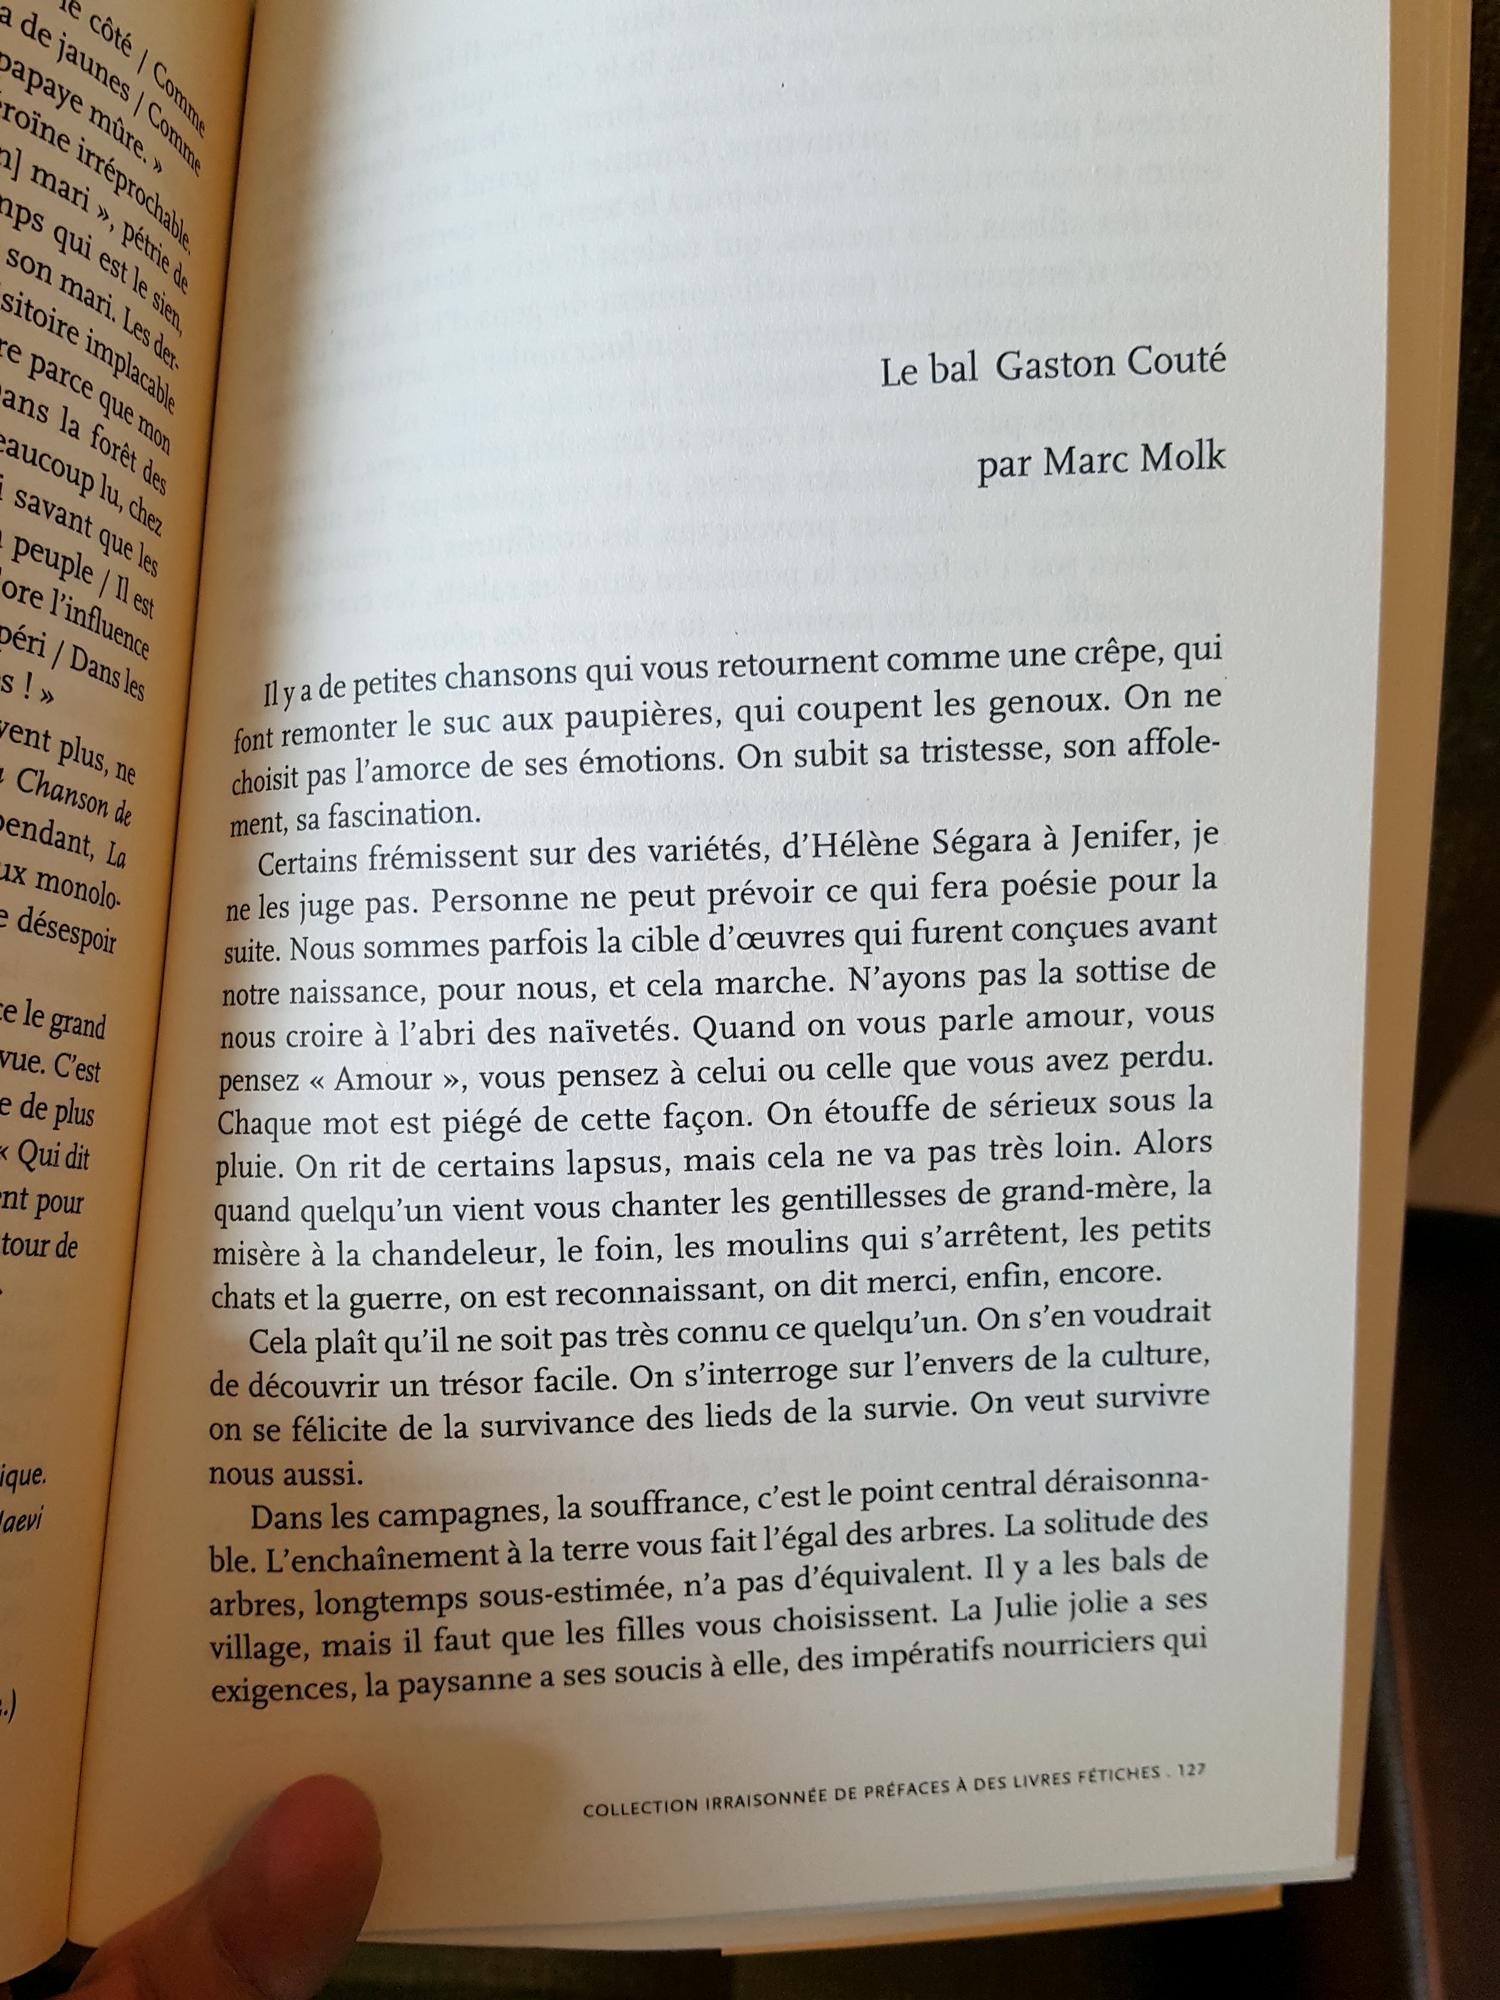 Collection irraisonnée de préfaces à des livres fétiches, éditions Intervalles, mars 2008